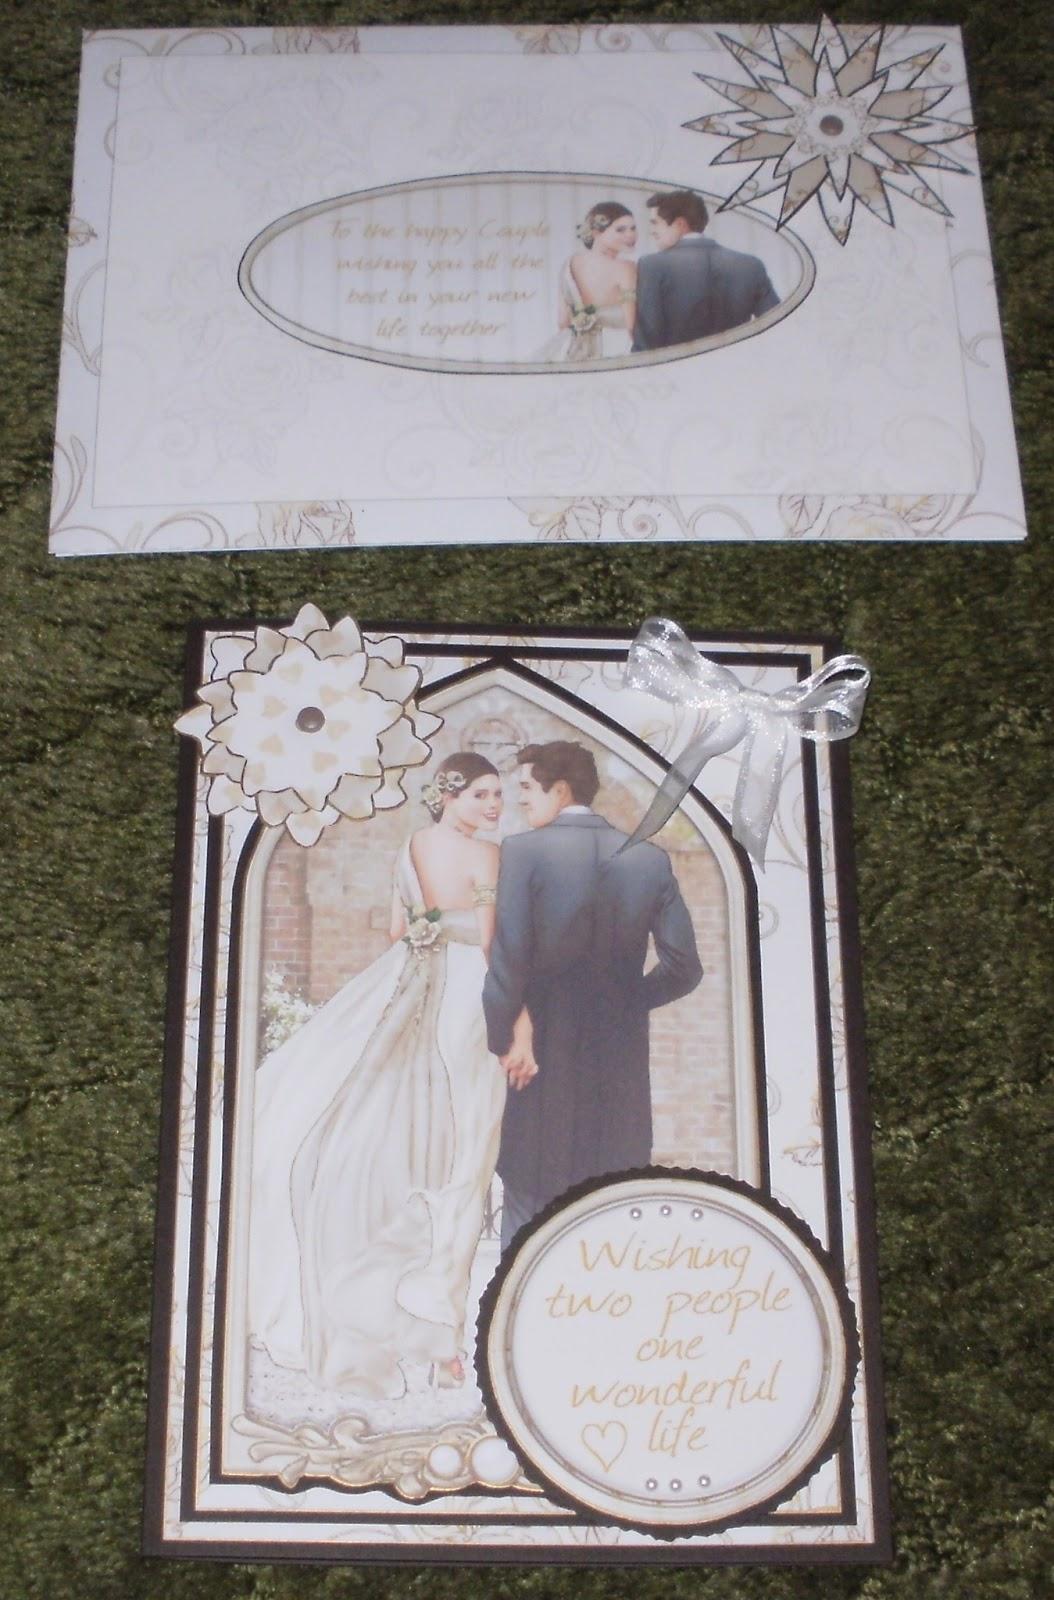 Kym S Crafty Cards Wedding Card